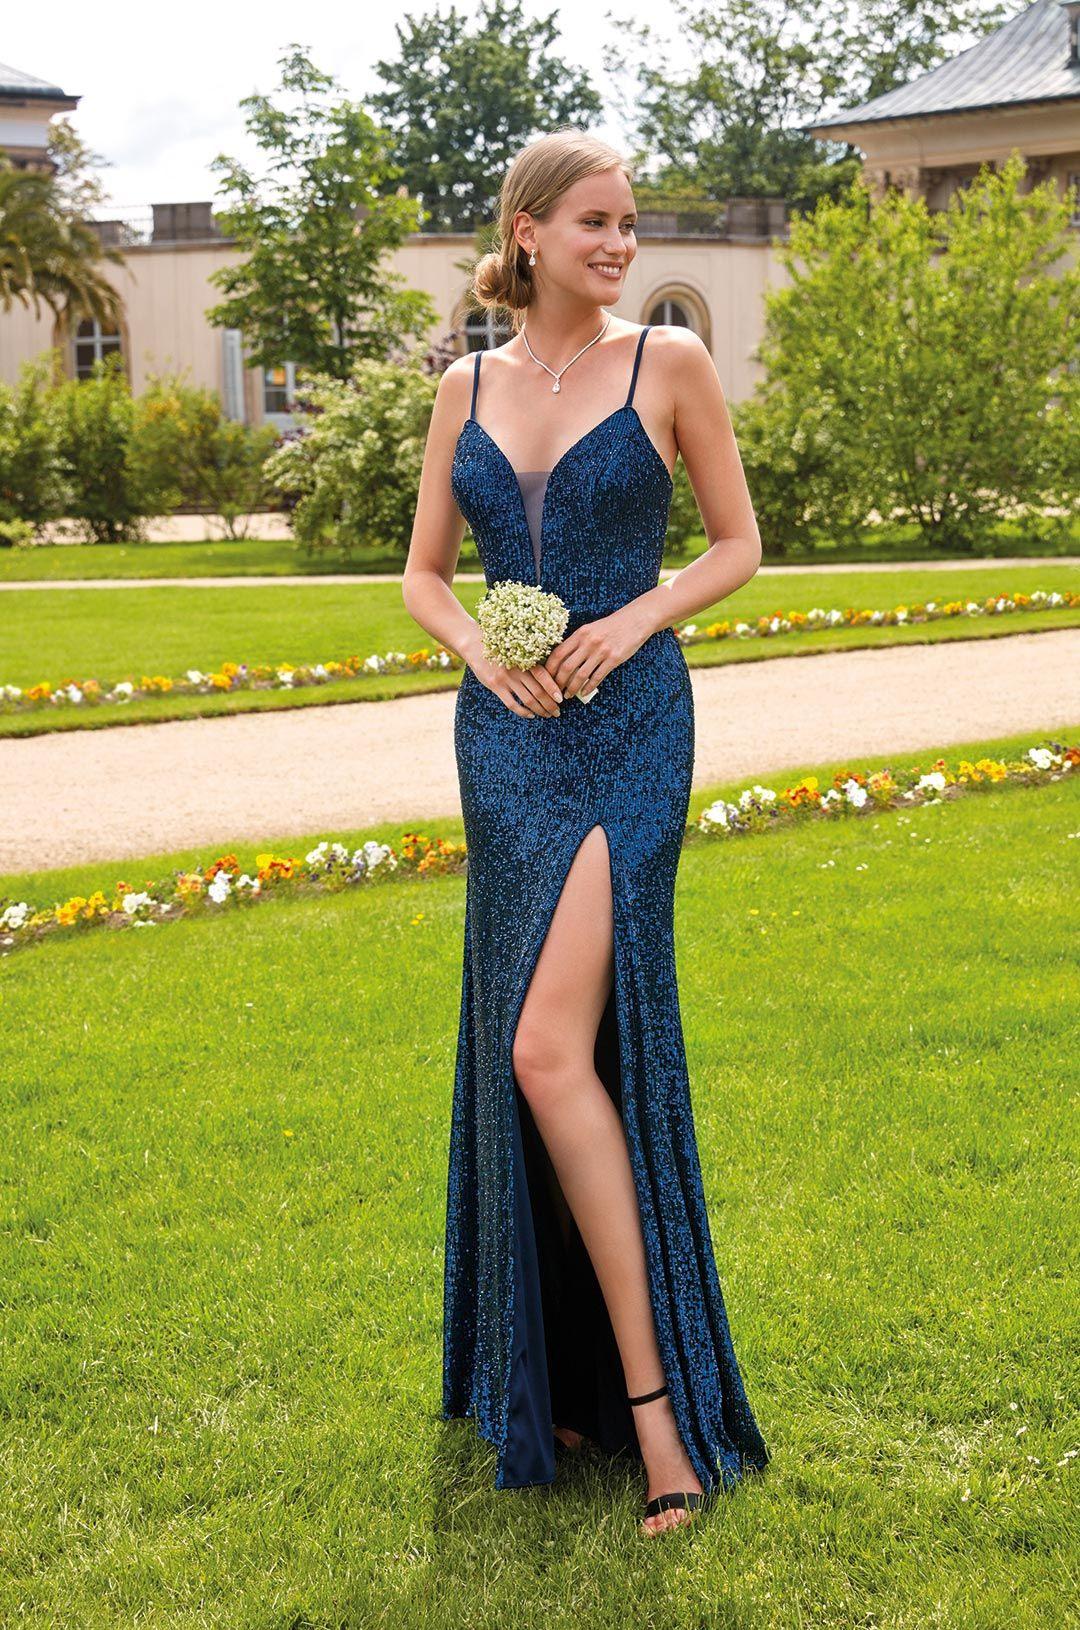 Designer Genial Abendkleider Esslingen VertriebDesigner Wunderbar Abendkleider Esslingen Boutique